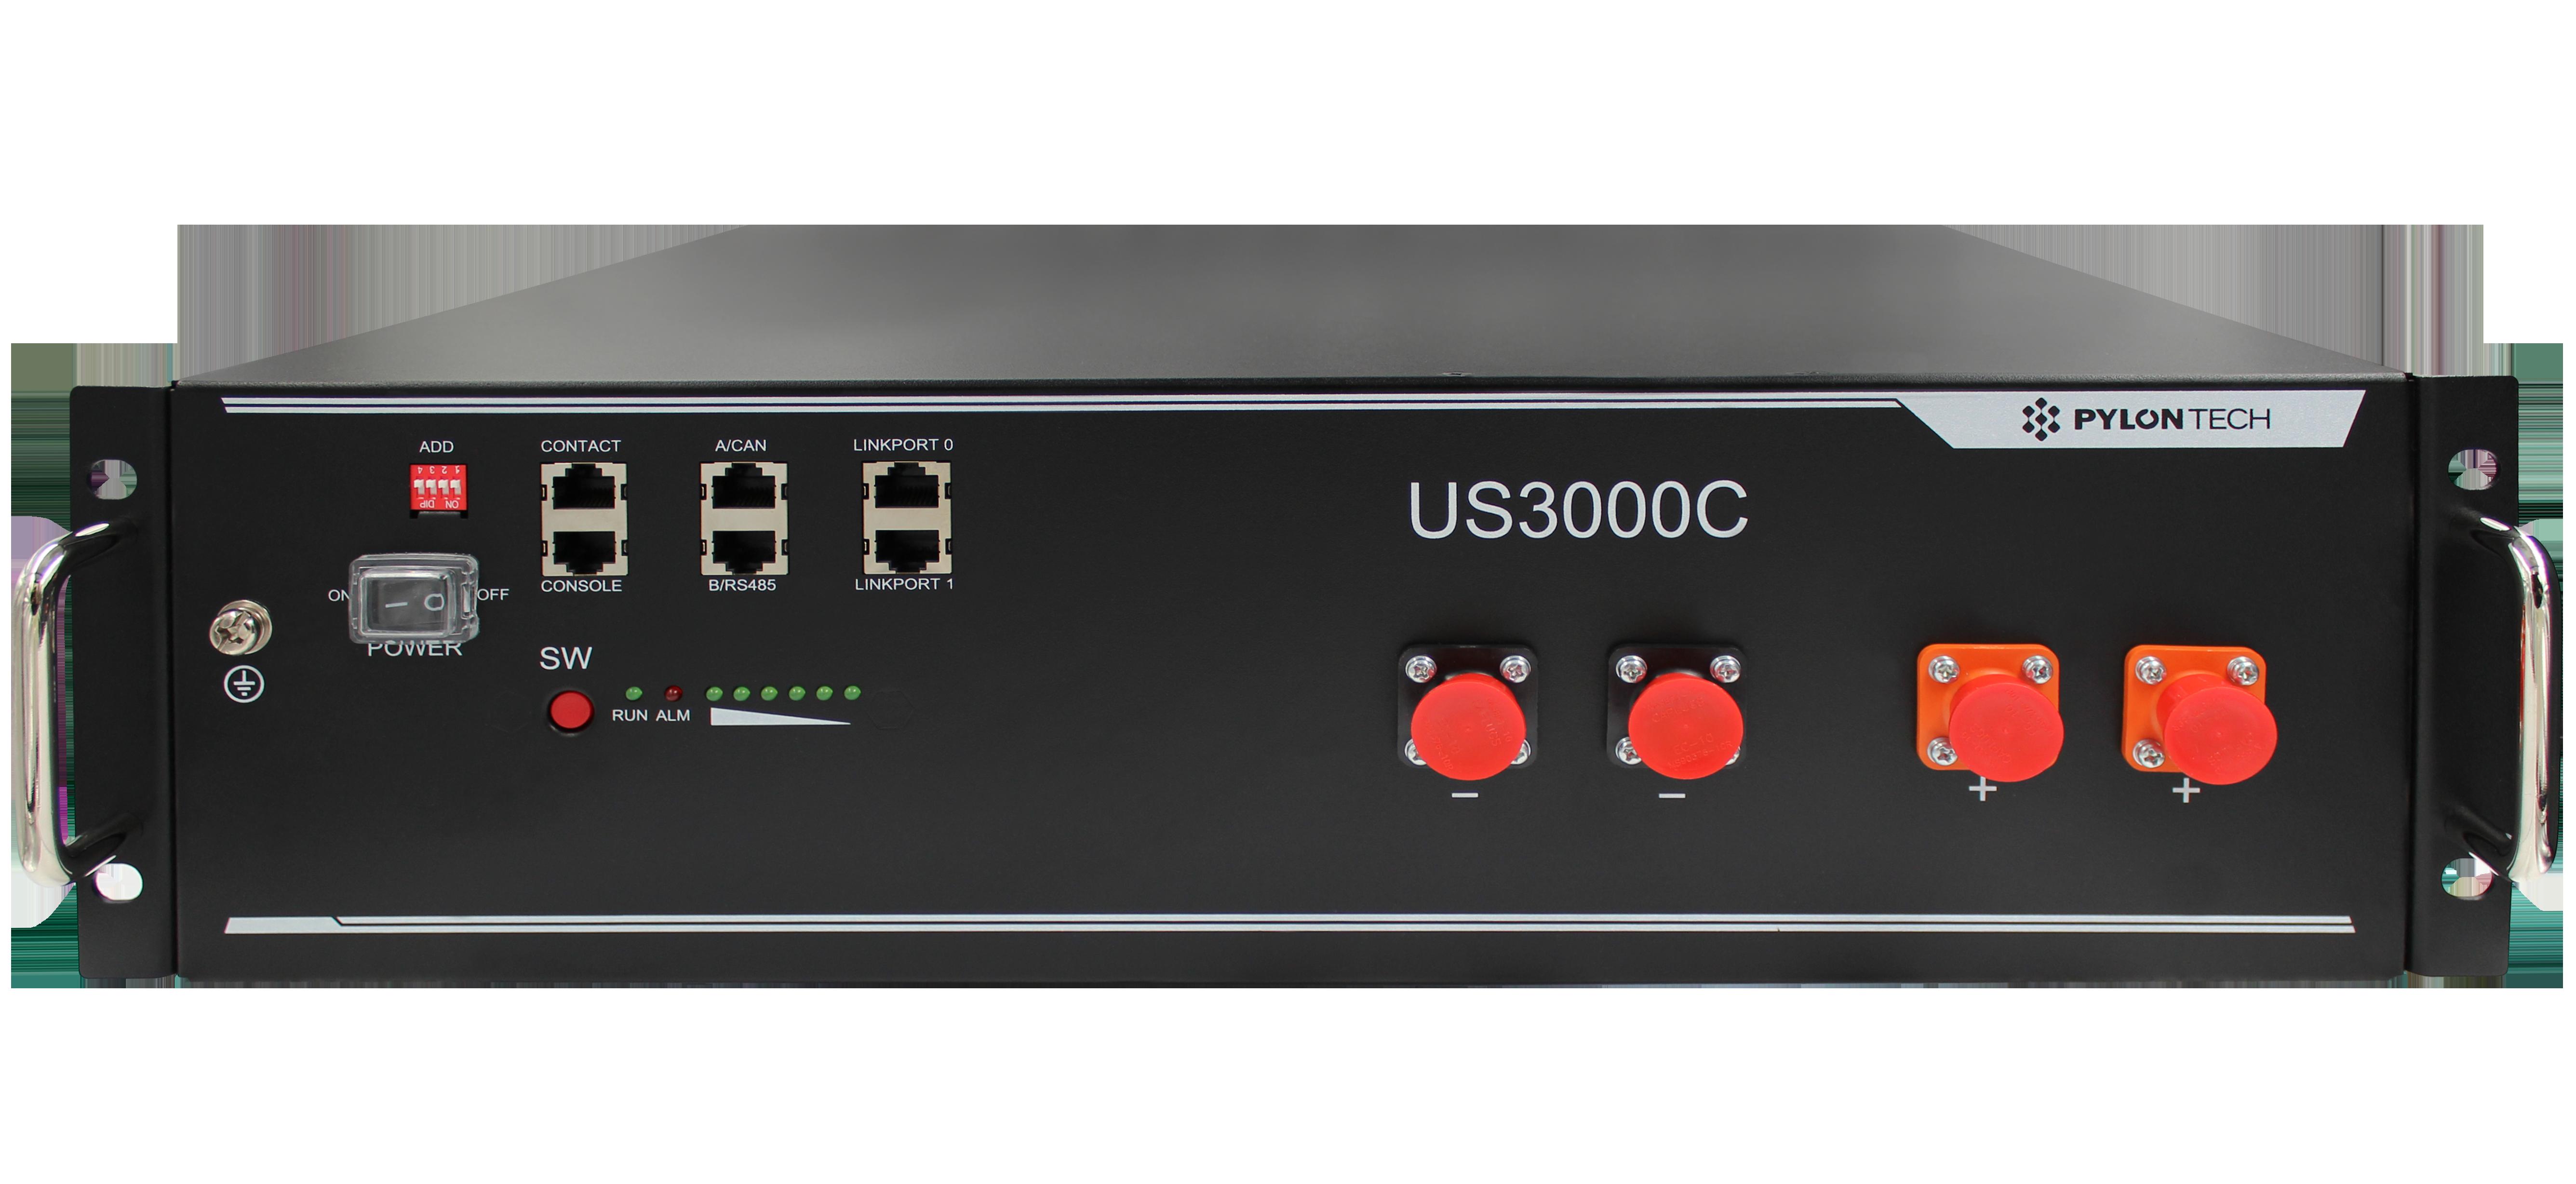 FL051-Rev.001 ITA - Batt US3000C light.pdf